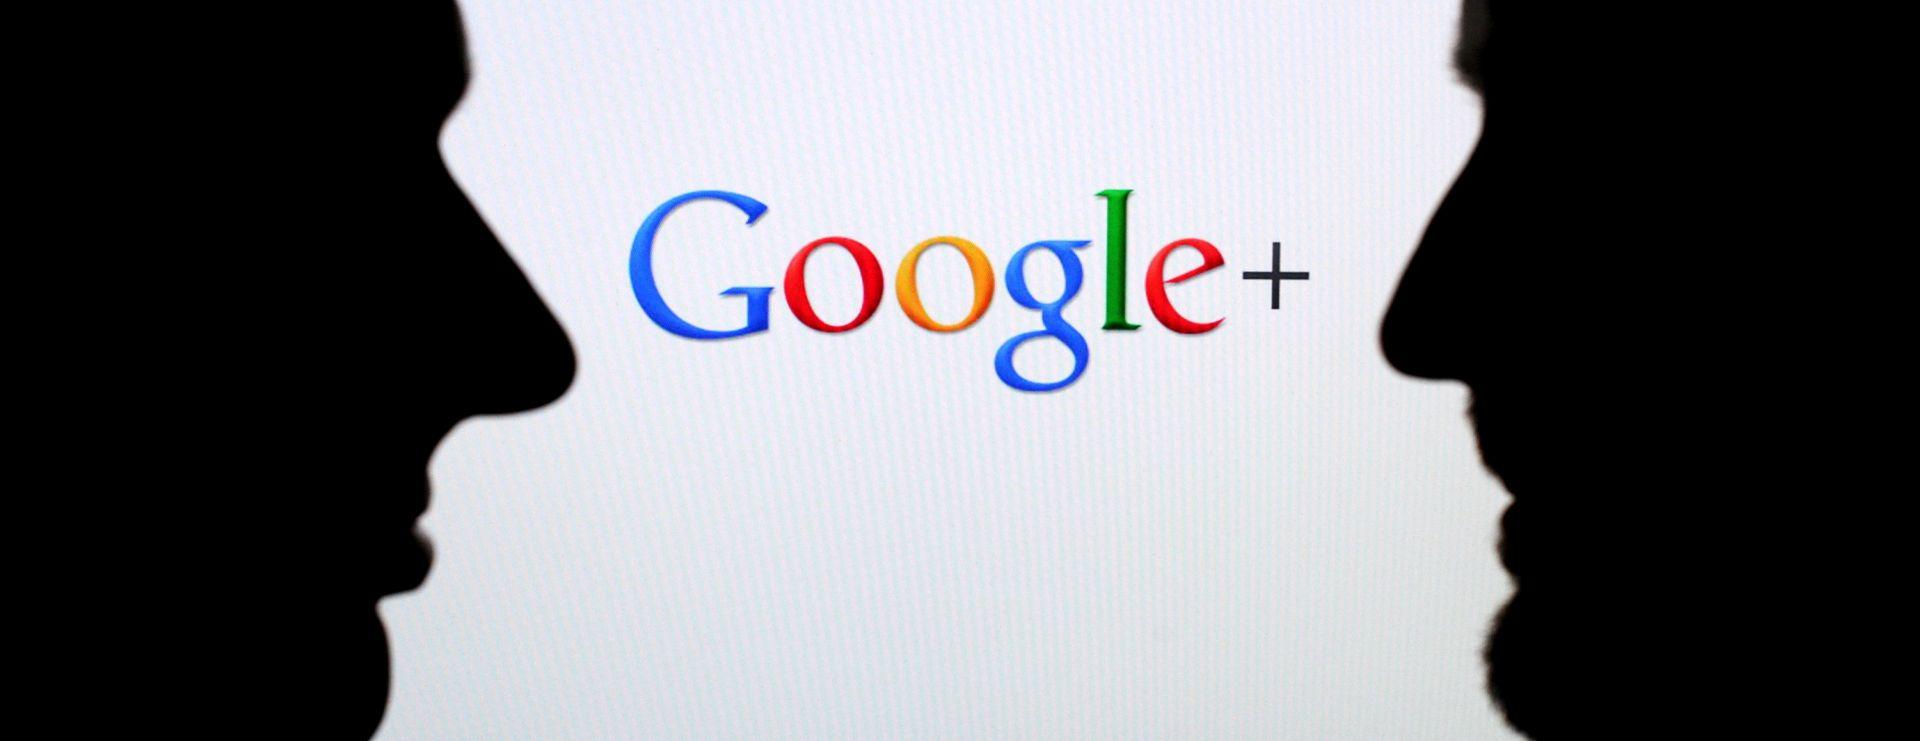 Osoblje Googlea prosvjeduje zbog postupanja prema ženama